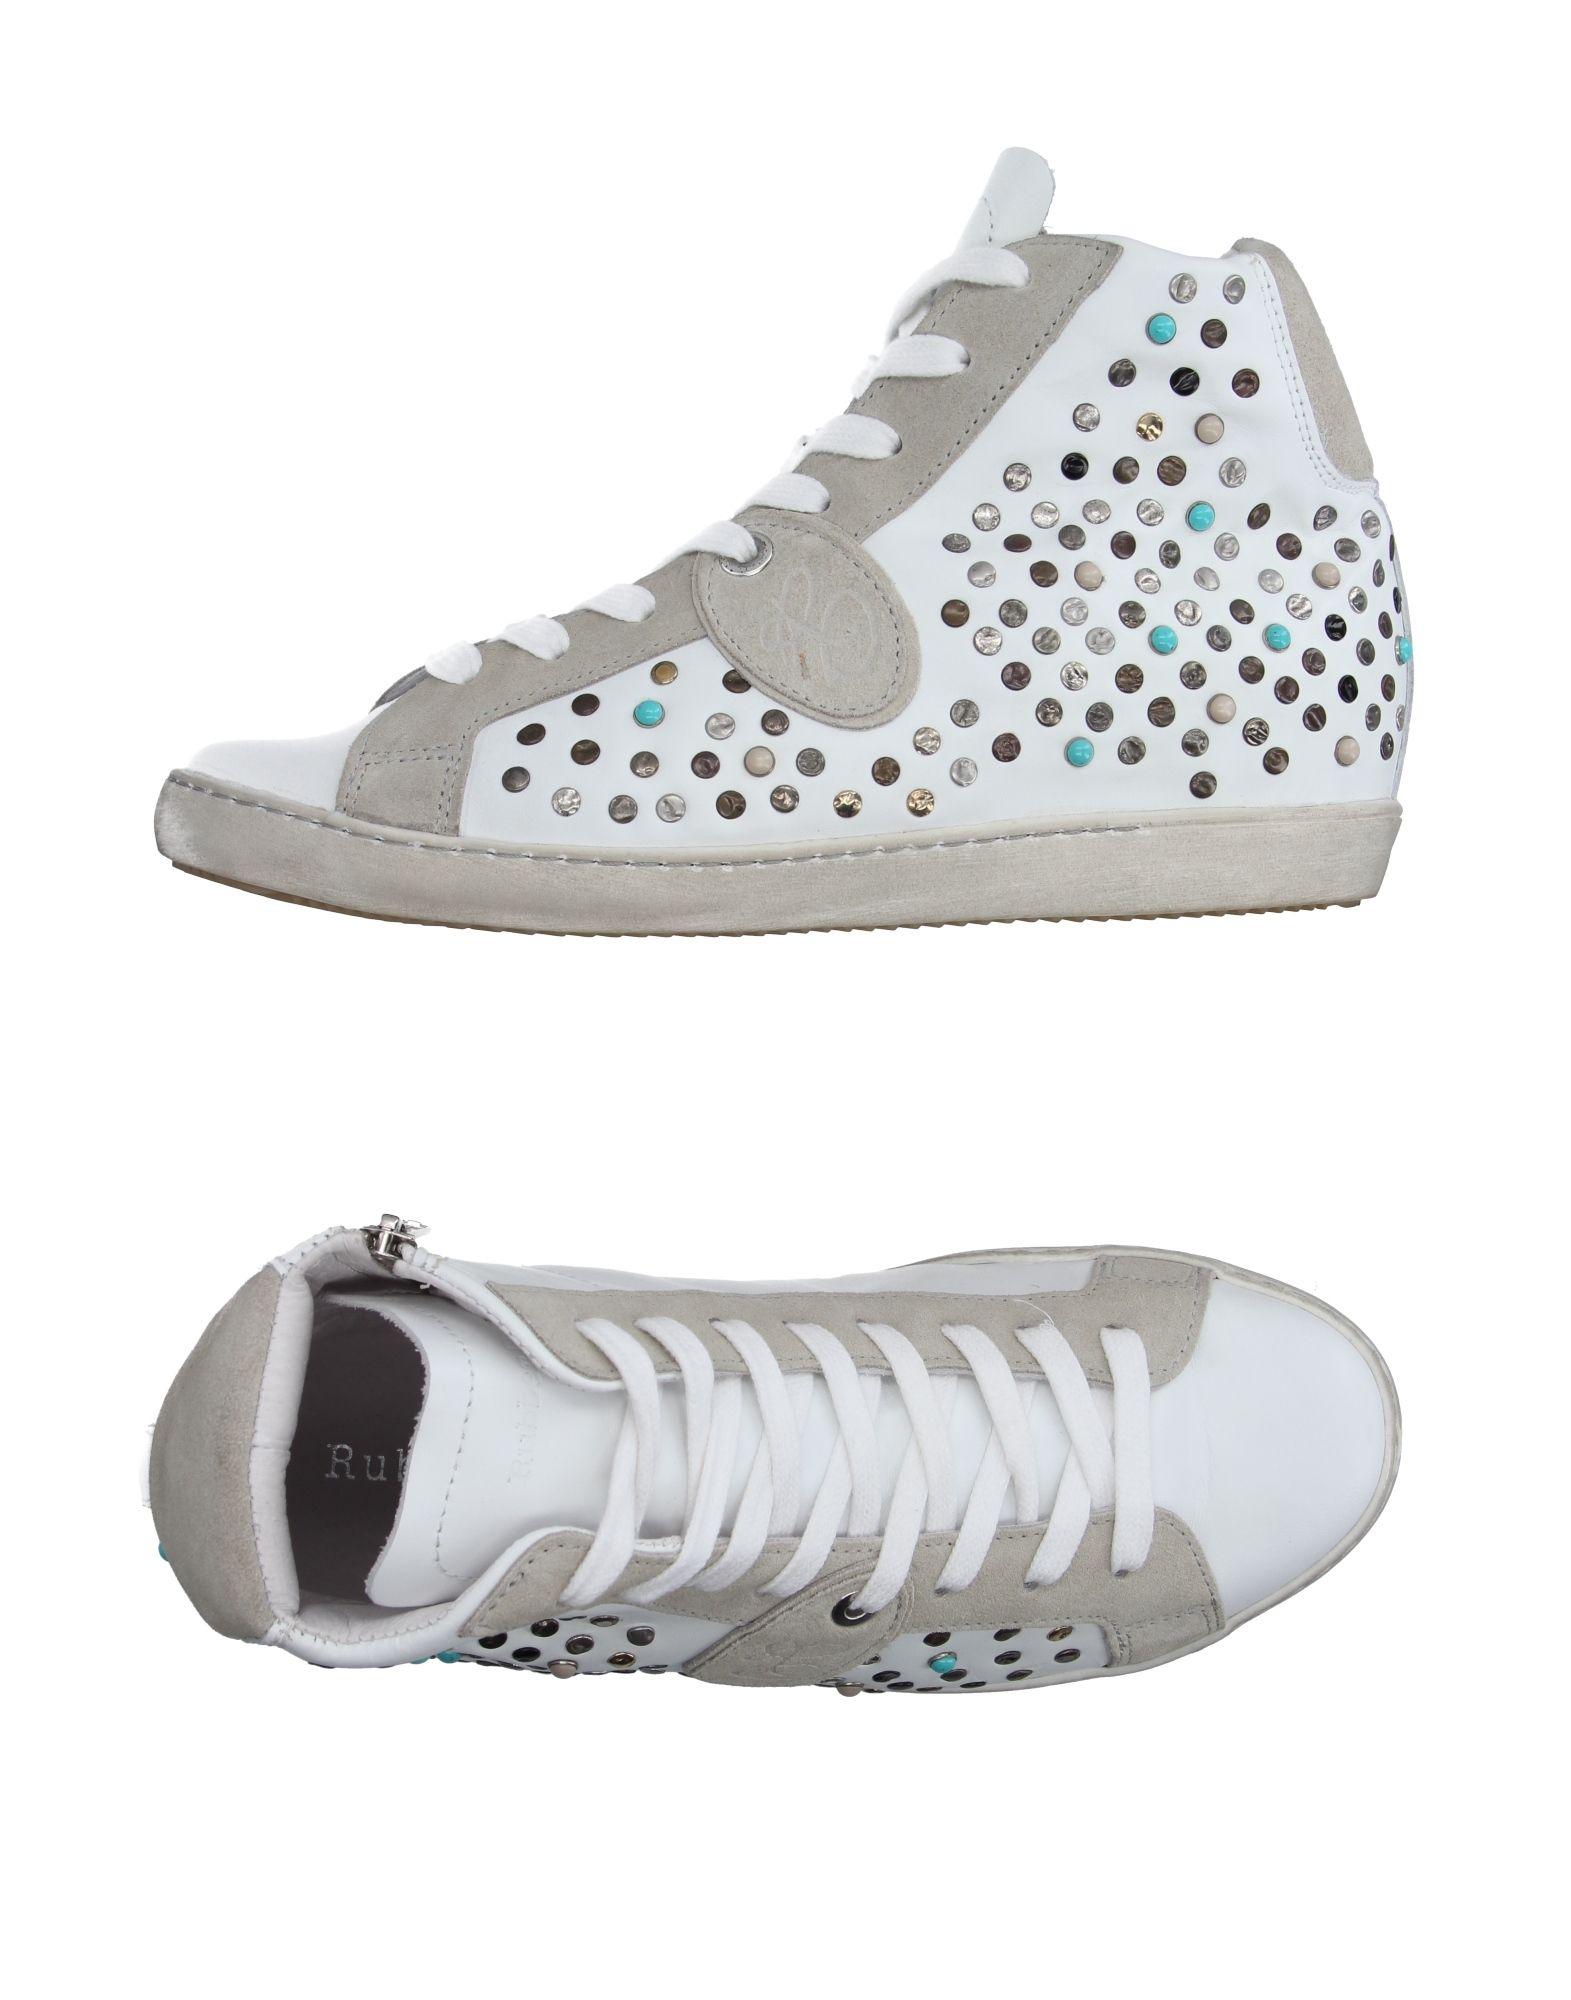 Rubber Dan Sneakers Damen  11144186TN Gute Qualität beliebte Schuhe